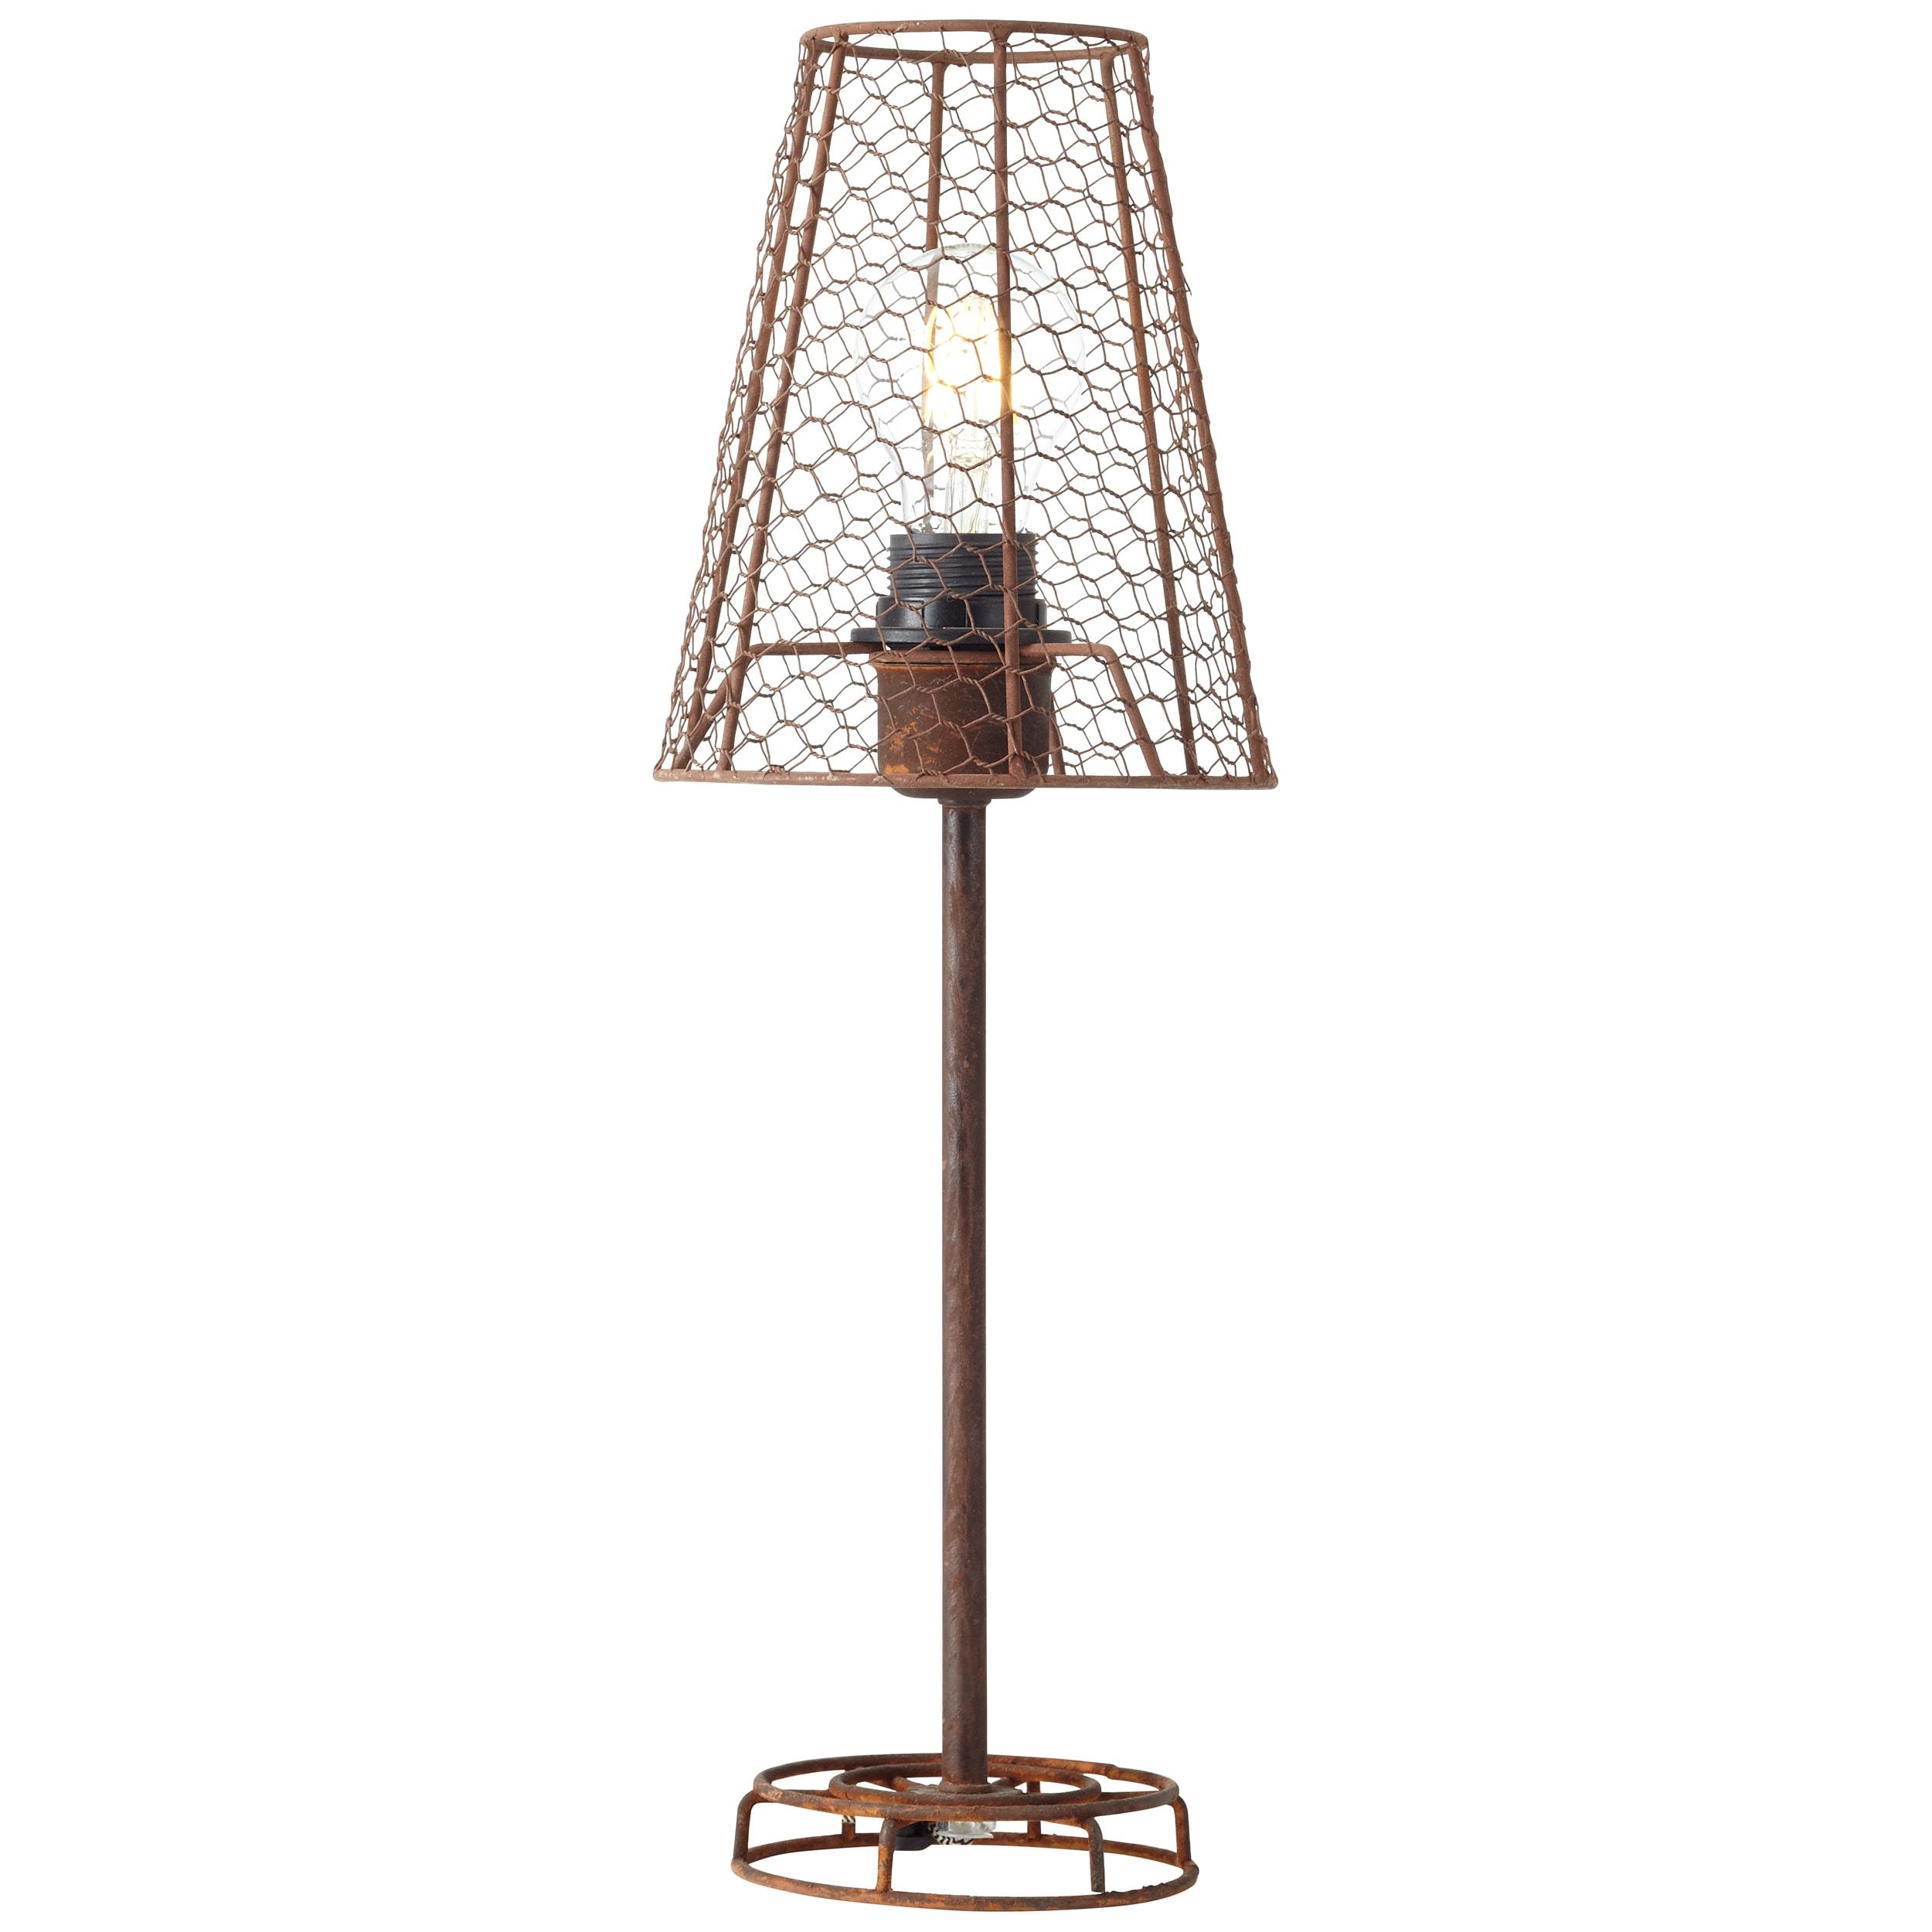 Brilliant Leuchten Anger Tischleuchte schwarz-rost-braun/gewischt | Lampen > Tischleuchten > Beistelltischlampen | Schwarz | Metall | BRILLIANT LEUCHTEN